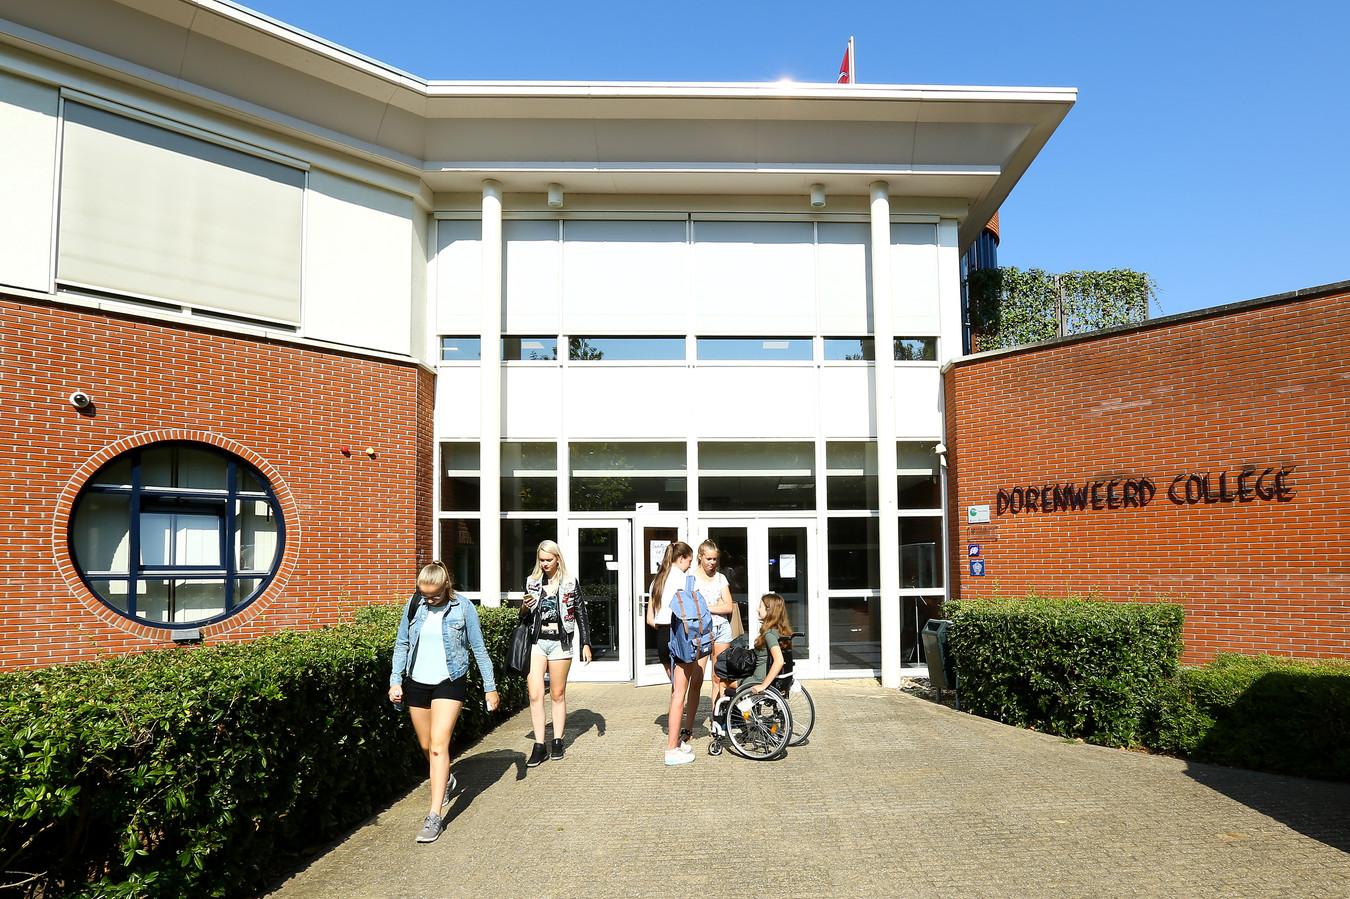 Het Dorenweerd College in Doorwerth. Archieffoto uit 2017.